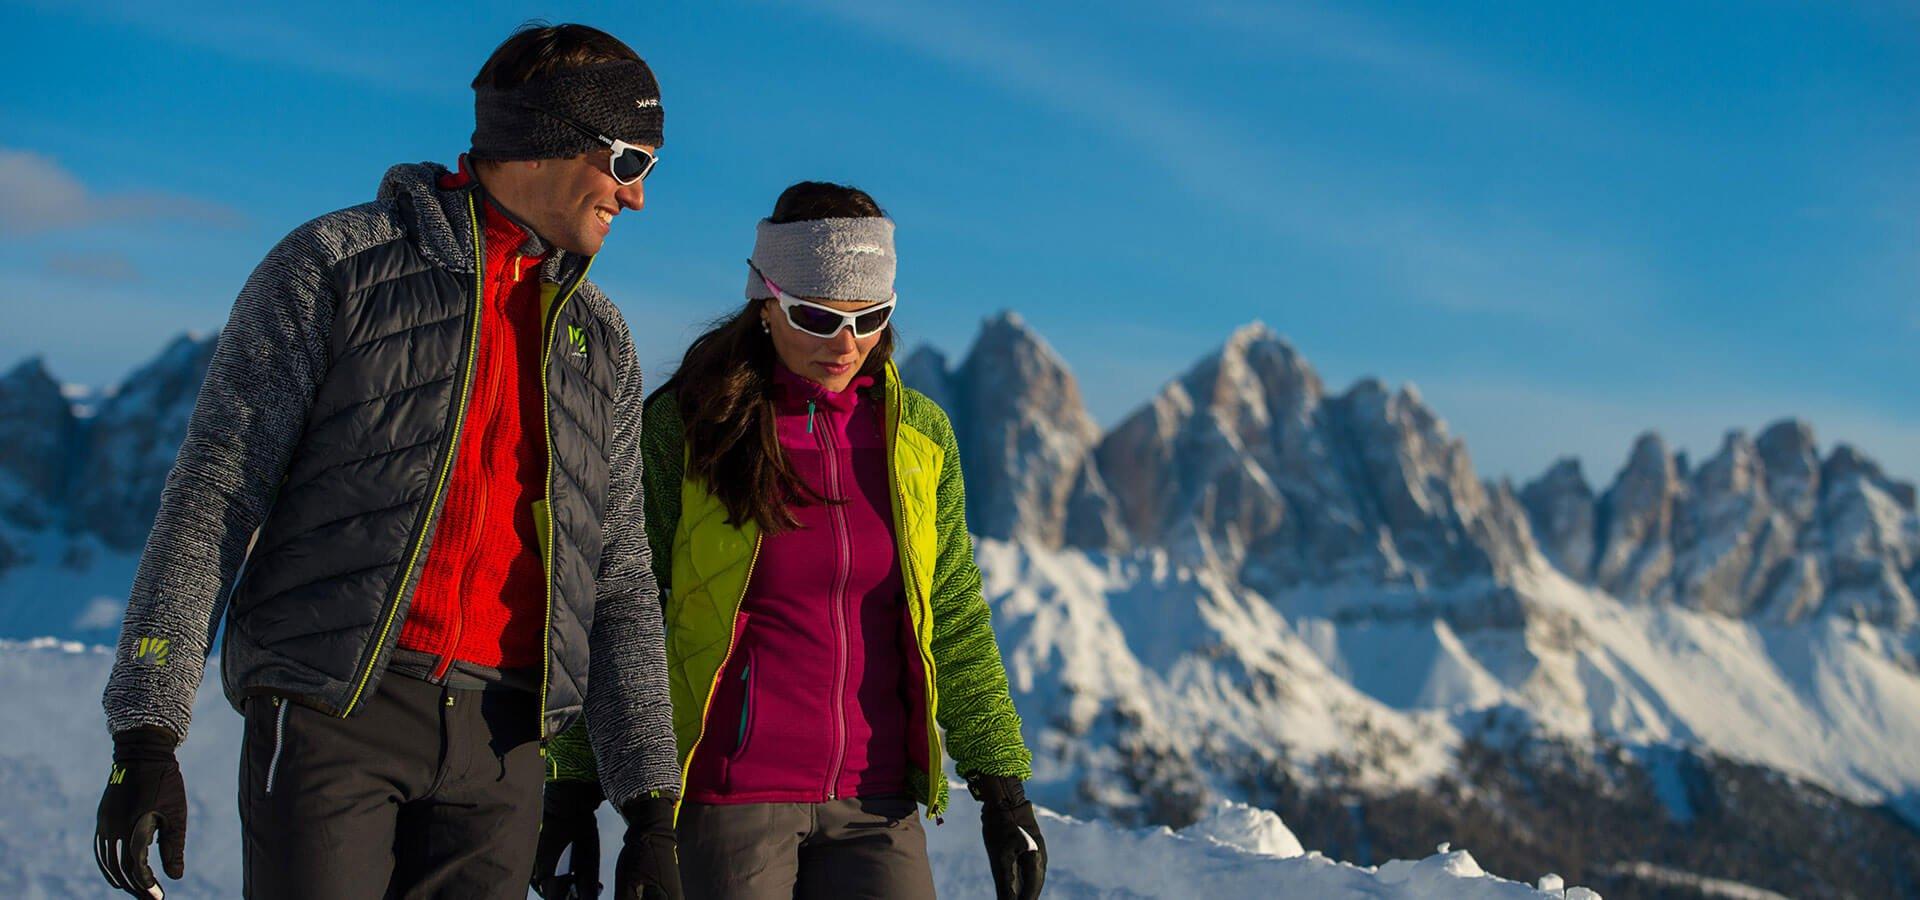 Abwechslungsreicher Winterzauber im Eisacktal